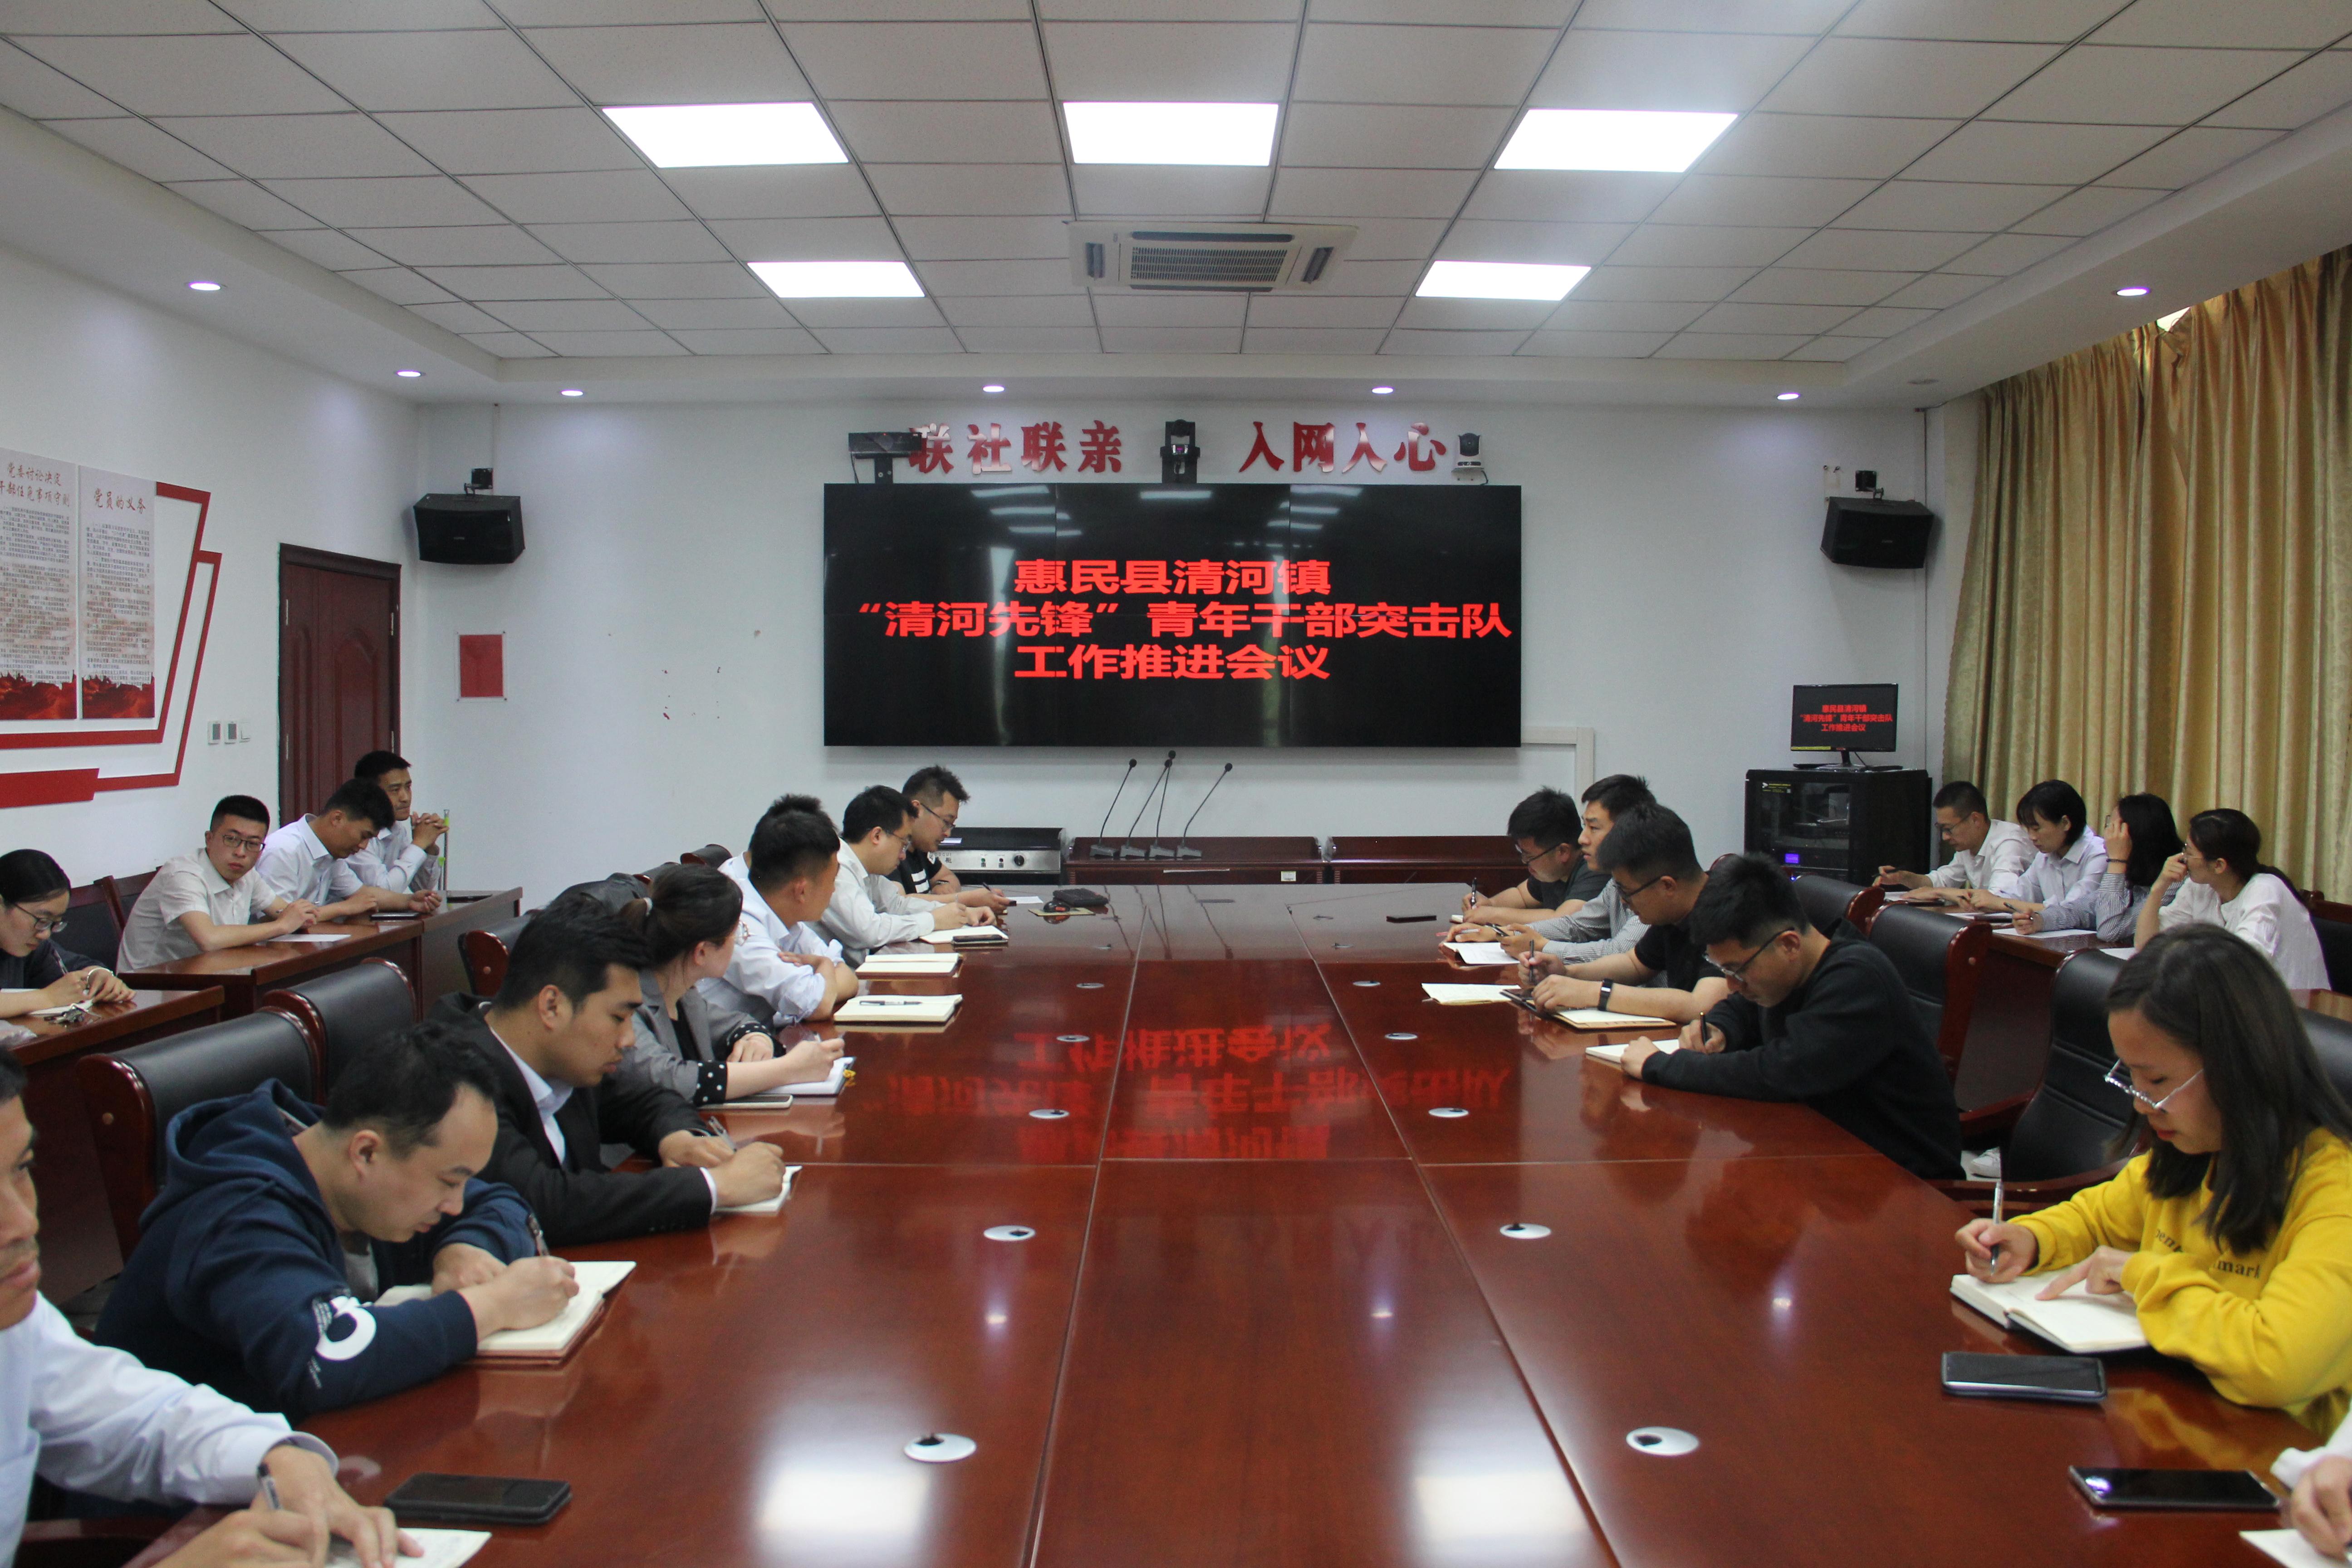 惠民县清河镇:发掘青年力量  壮大先锋队伍